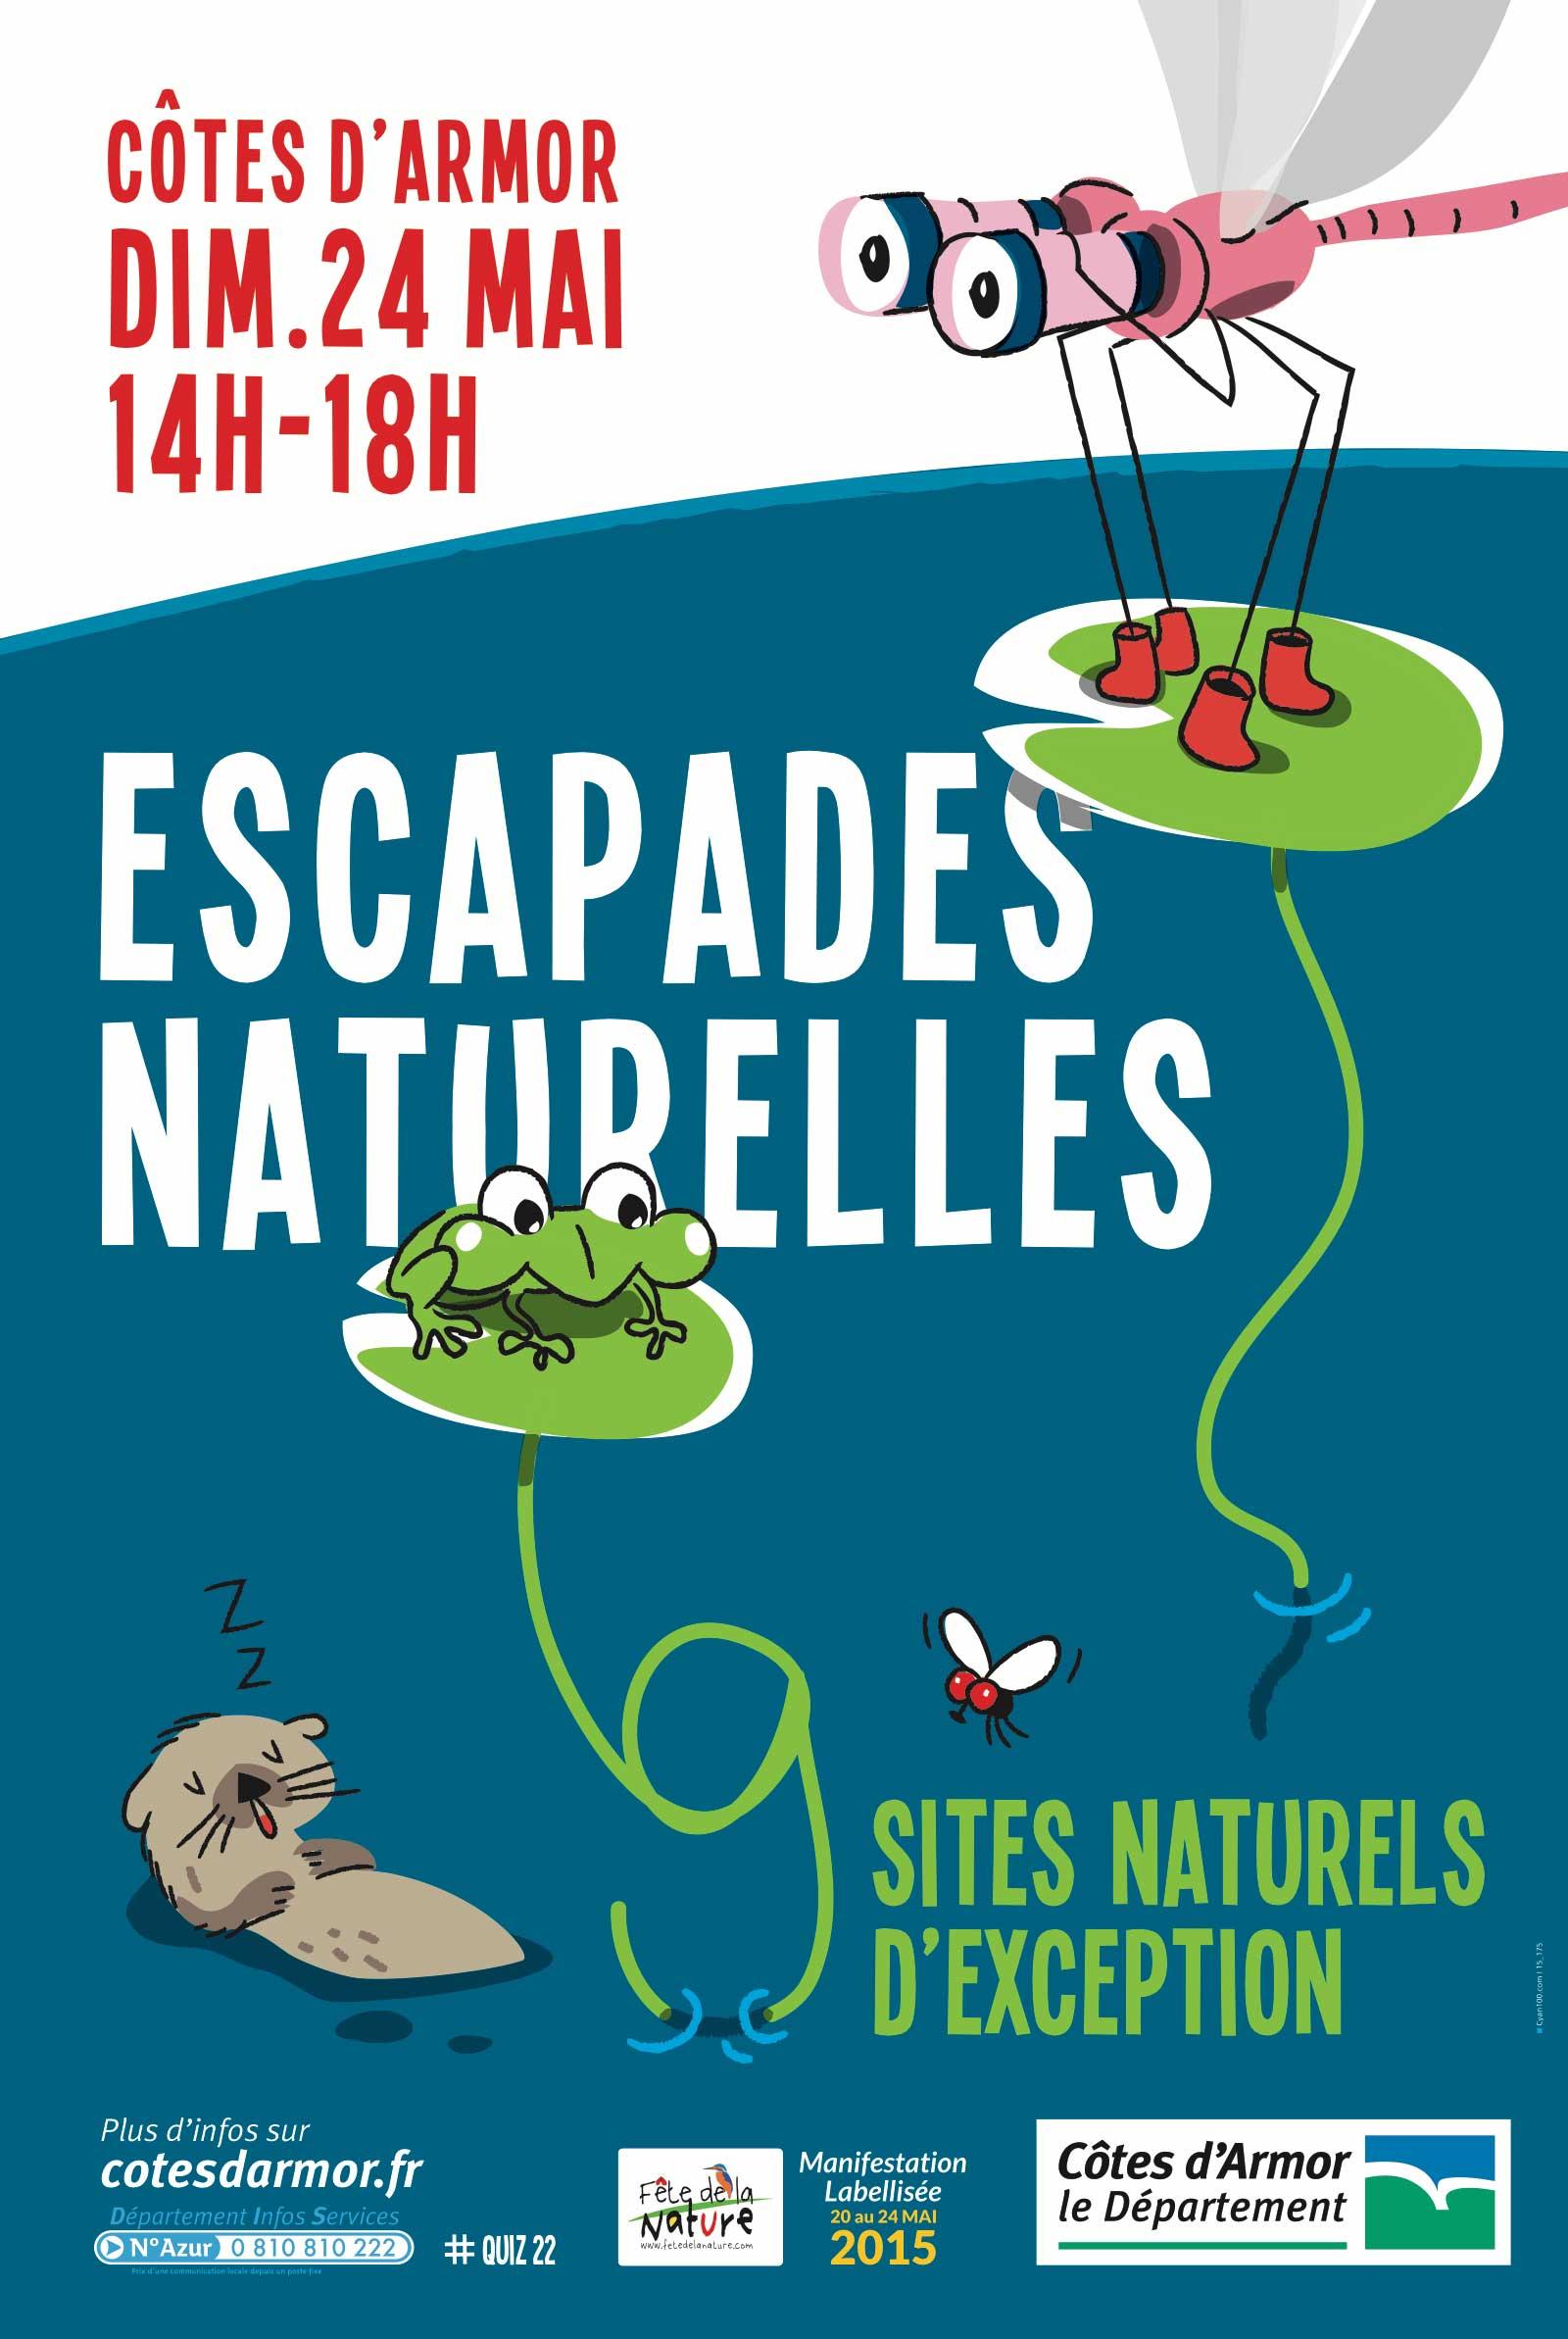 Conseil Départemental des Côtes d'armor Journée Escapades naturelles — affiche